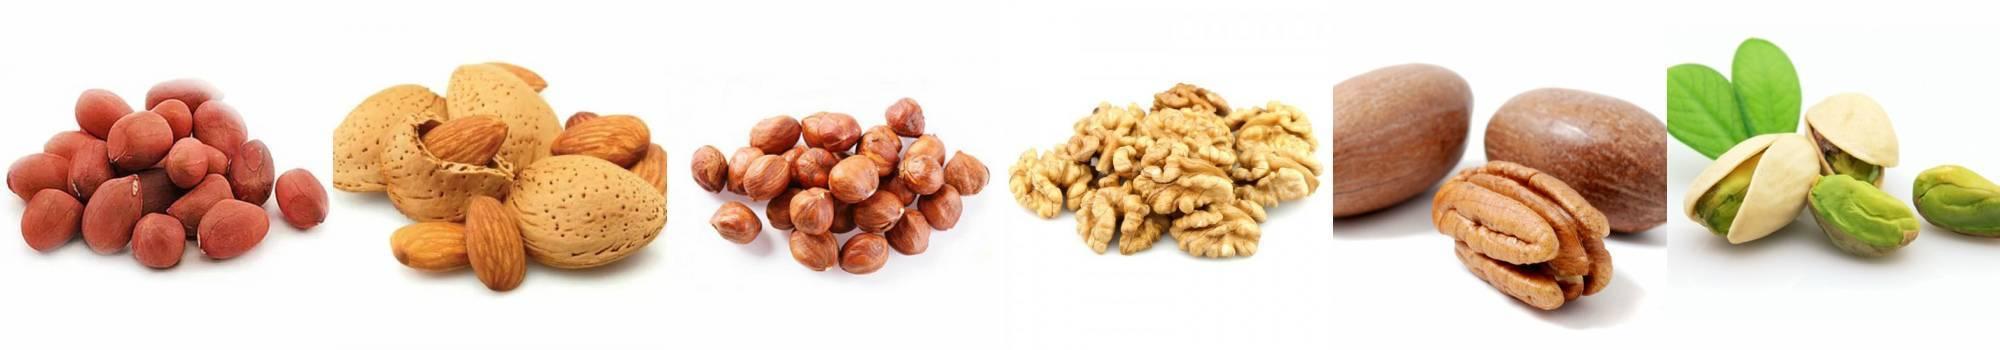 грецкие орехи снижают холестерин